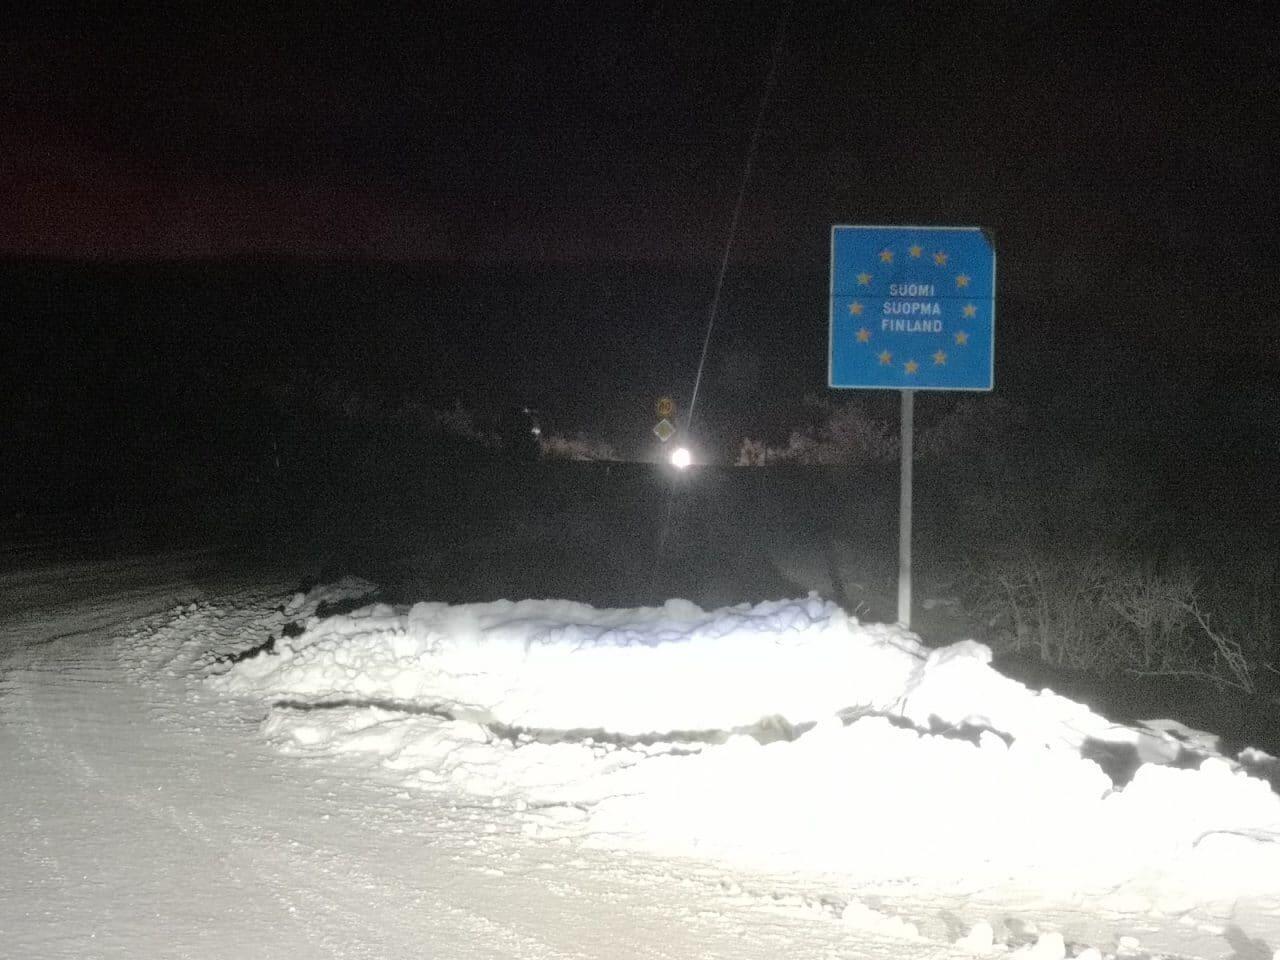 Jokamies-Teslalla-talvella-Nordkappiin-Suomi